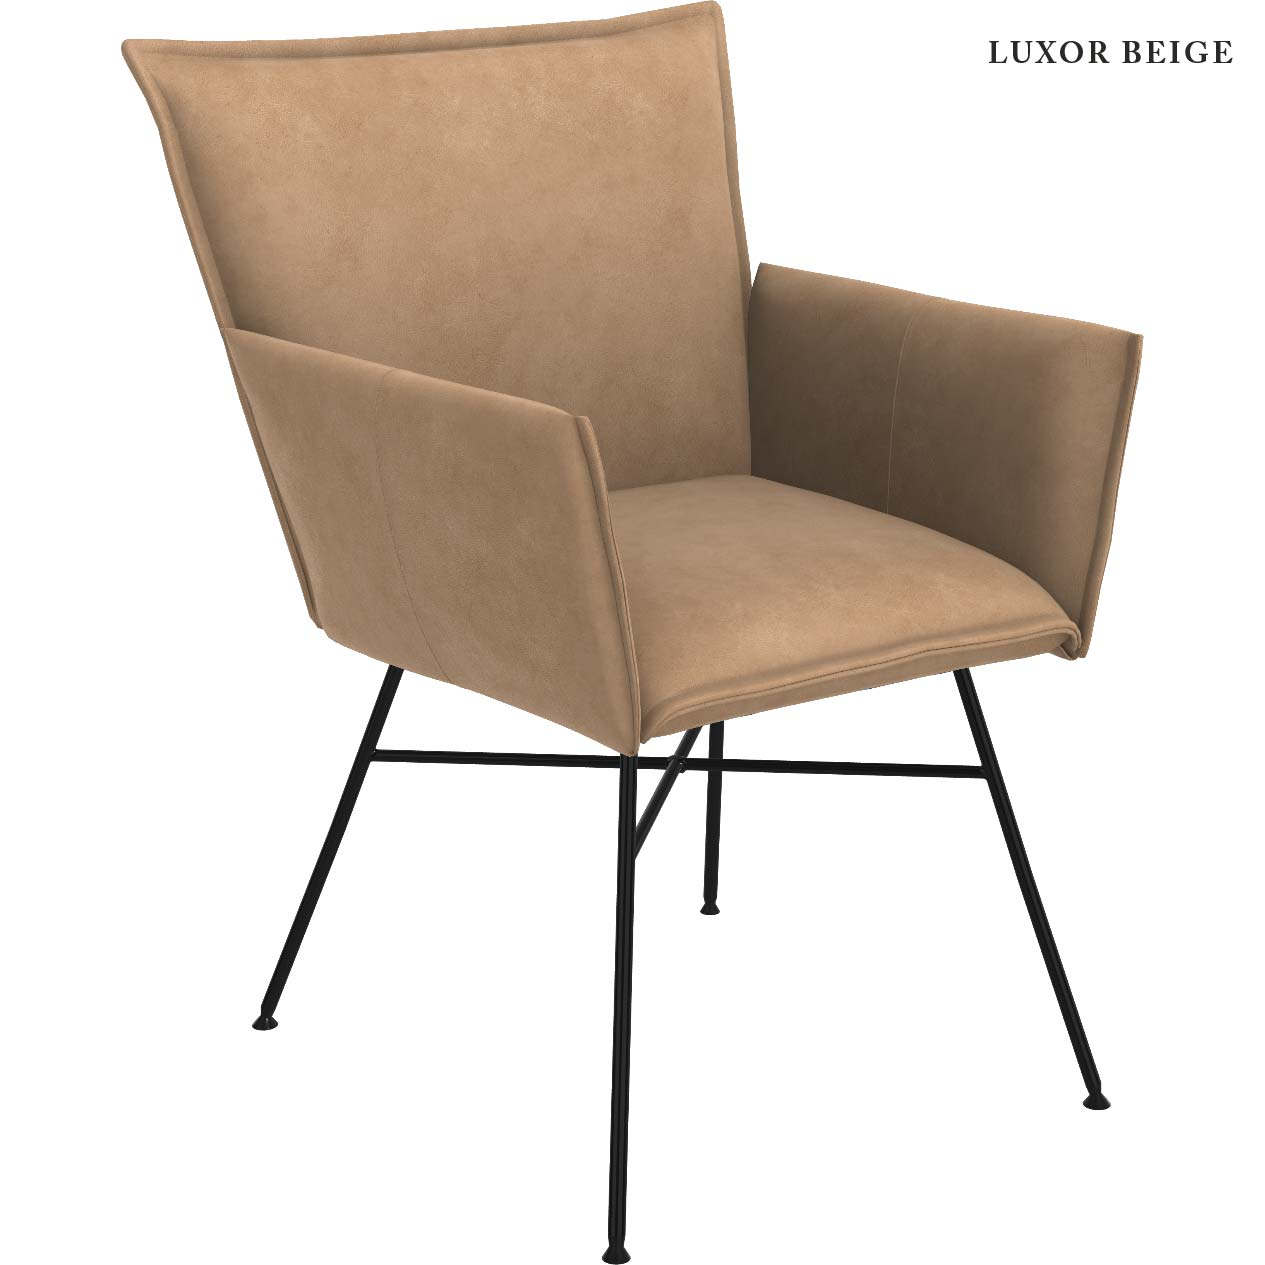 jess-design-sessel-stuhl-sanne-armlehne-luxor-beige-lichtraum24